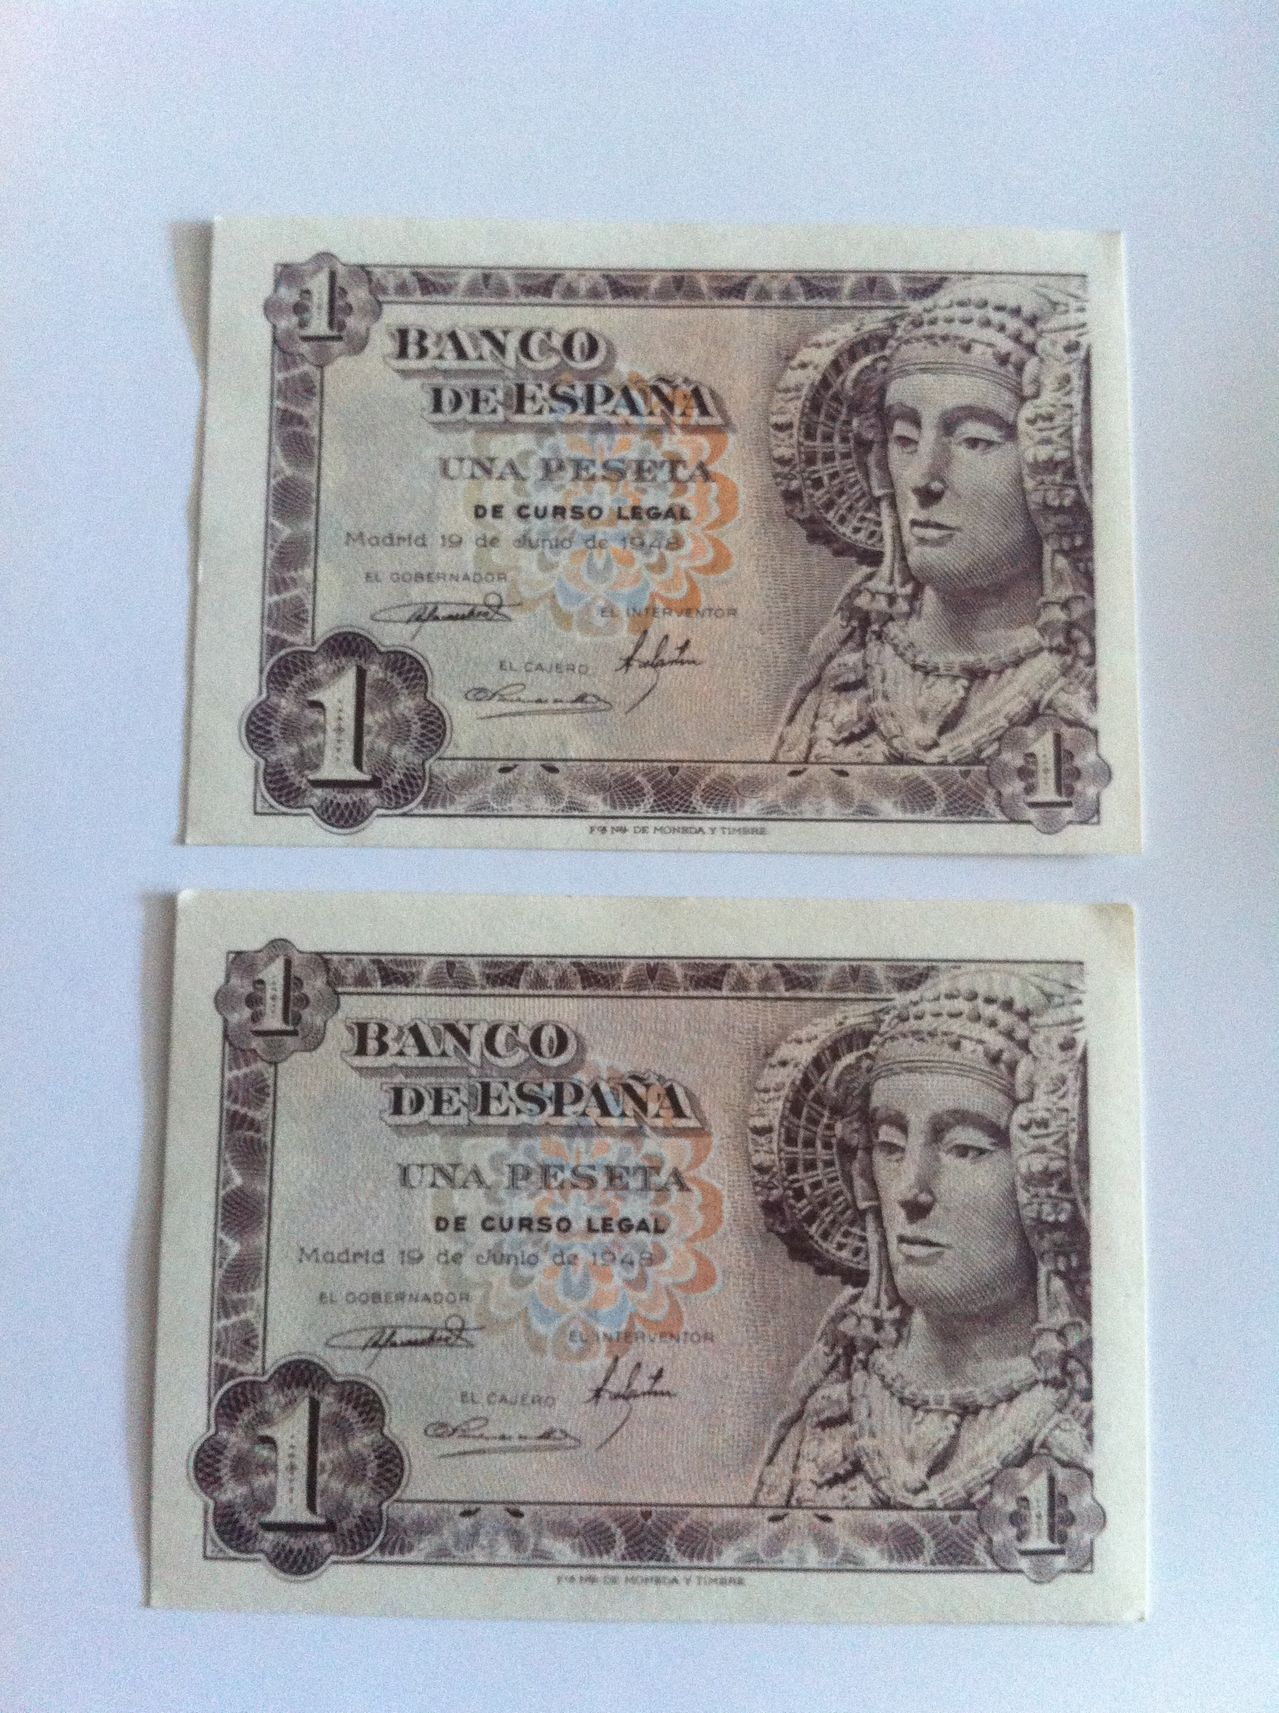 Ayuda para valorar coleccion de billetes IMG_4934